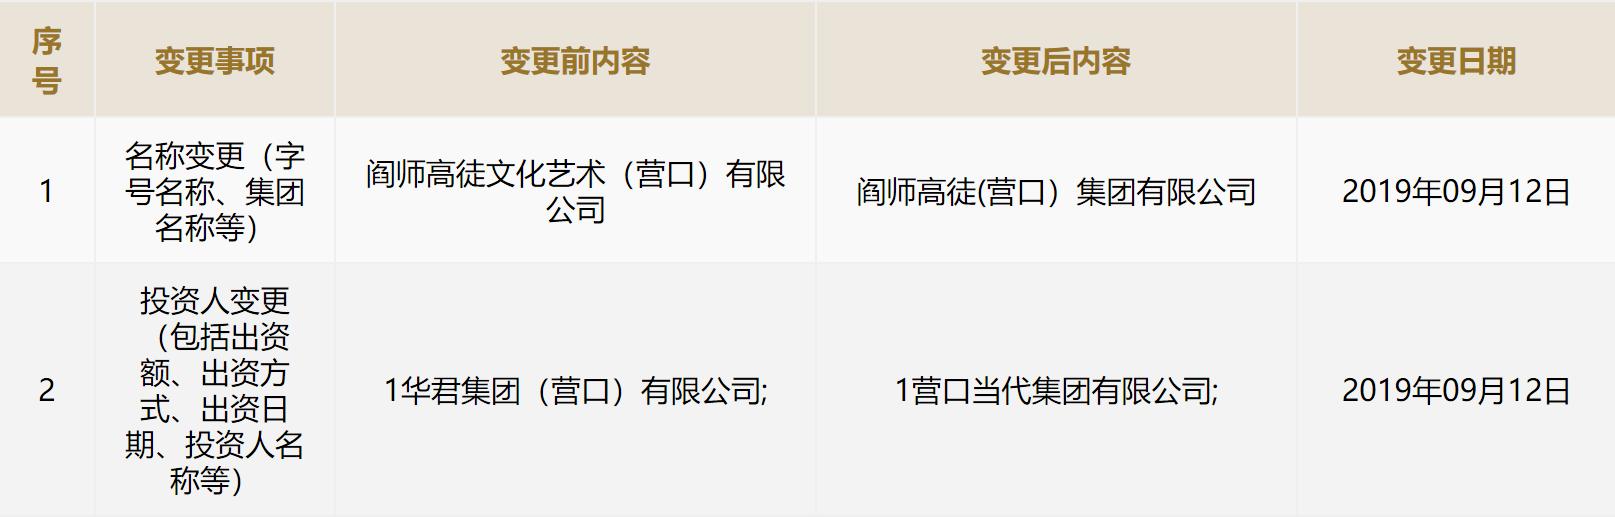 方直科技:总经理黄晓峰被罗湖公安分局采取强制措施